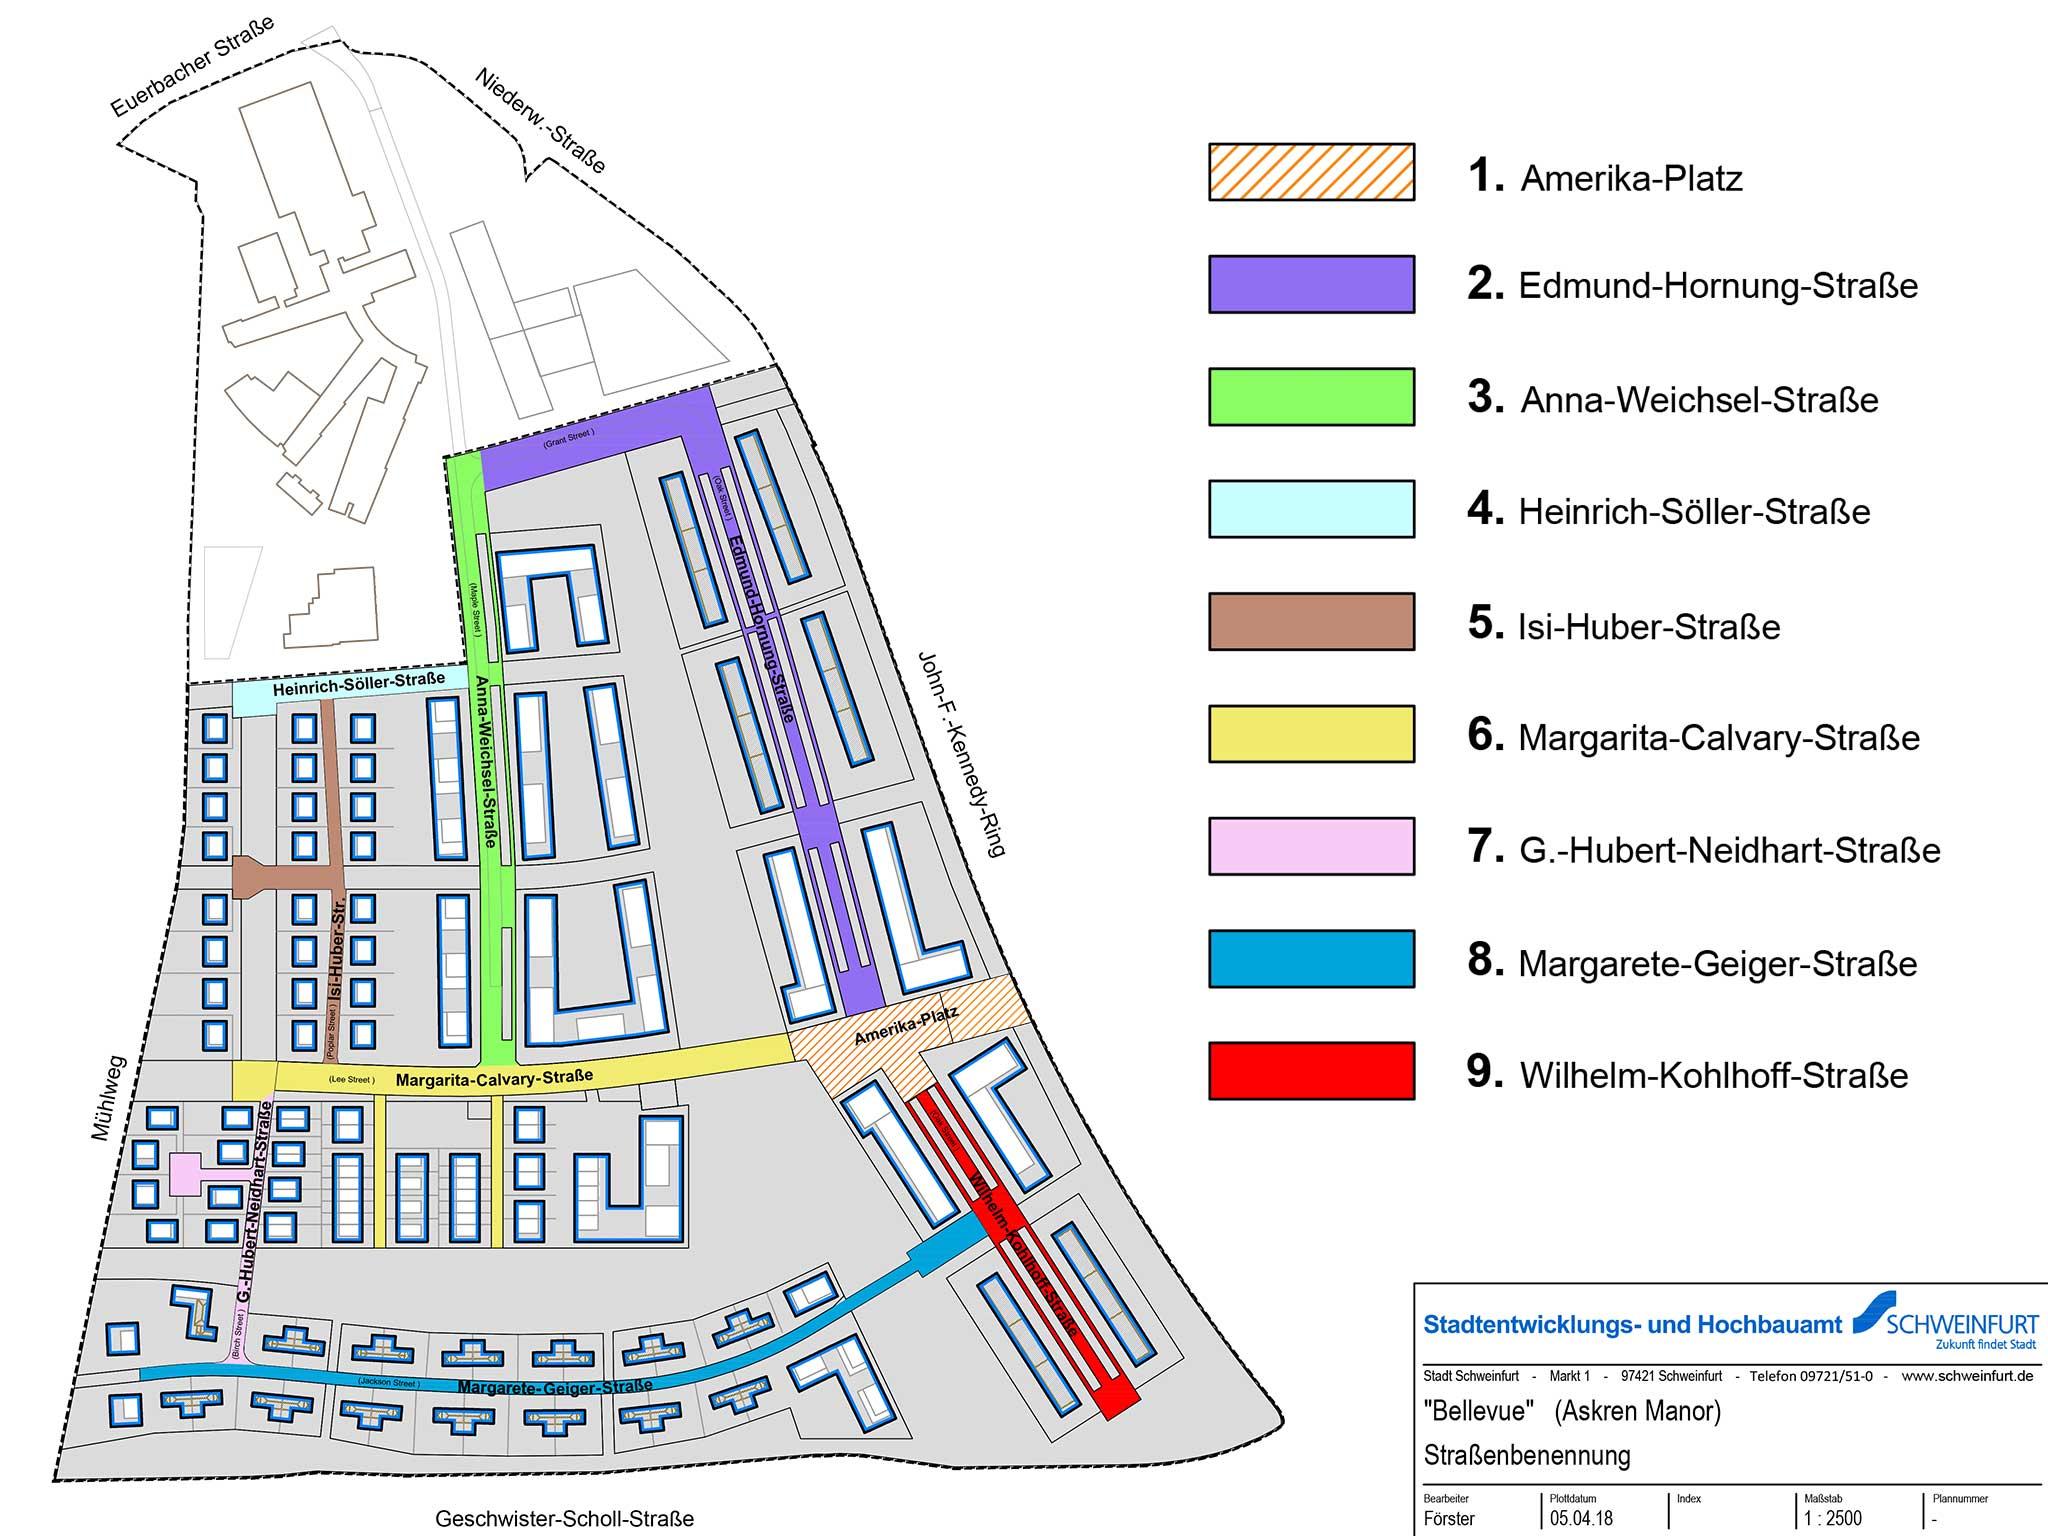 Übersicht über die neuen Straßennamen im Stadtteil Bellevue. Grafik: Stadt Schweinfurt